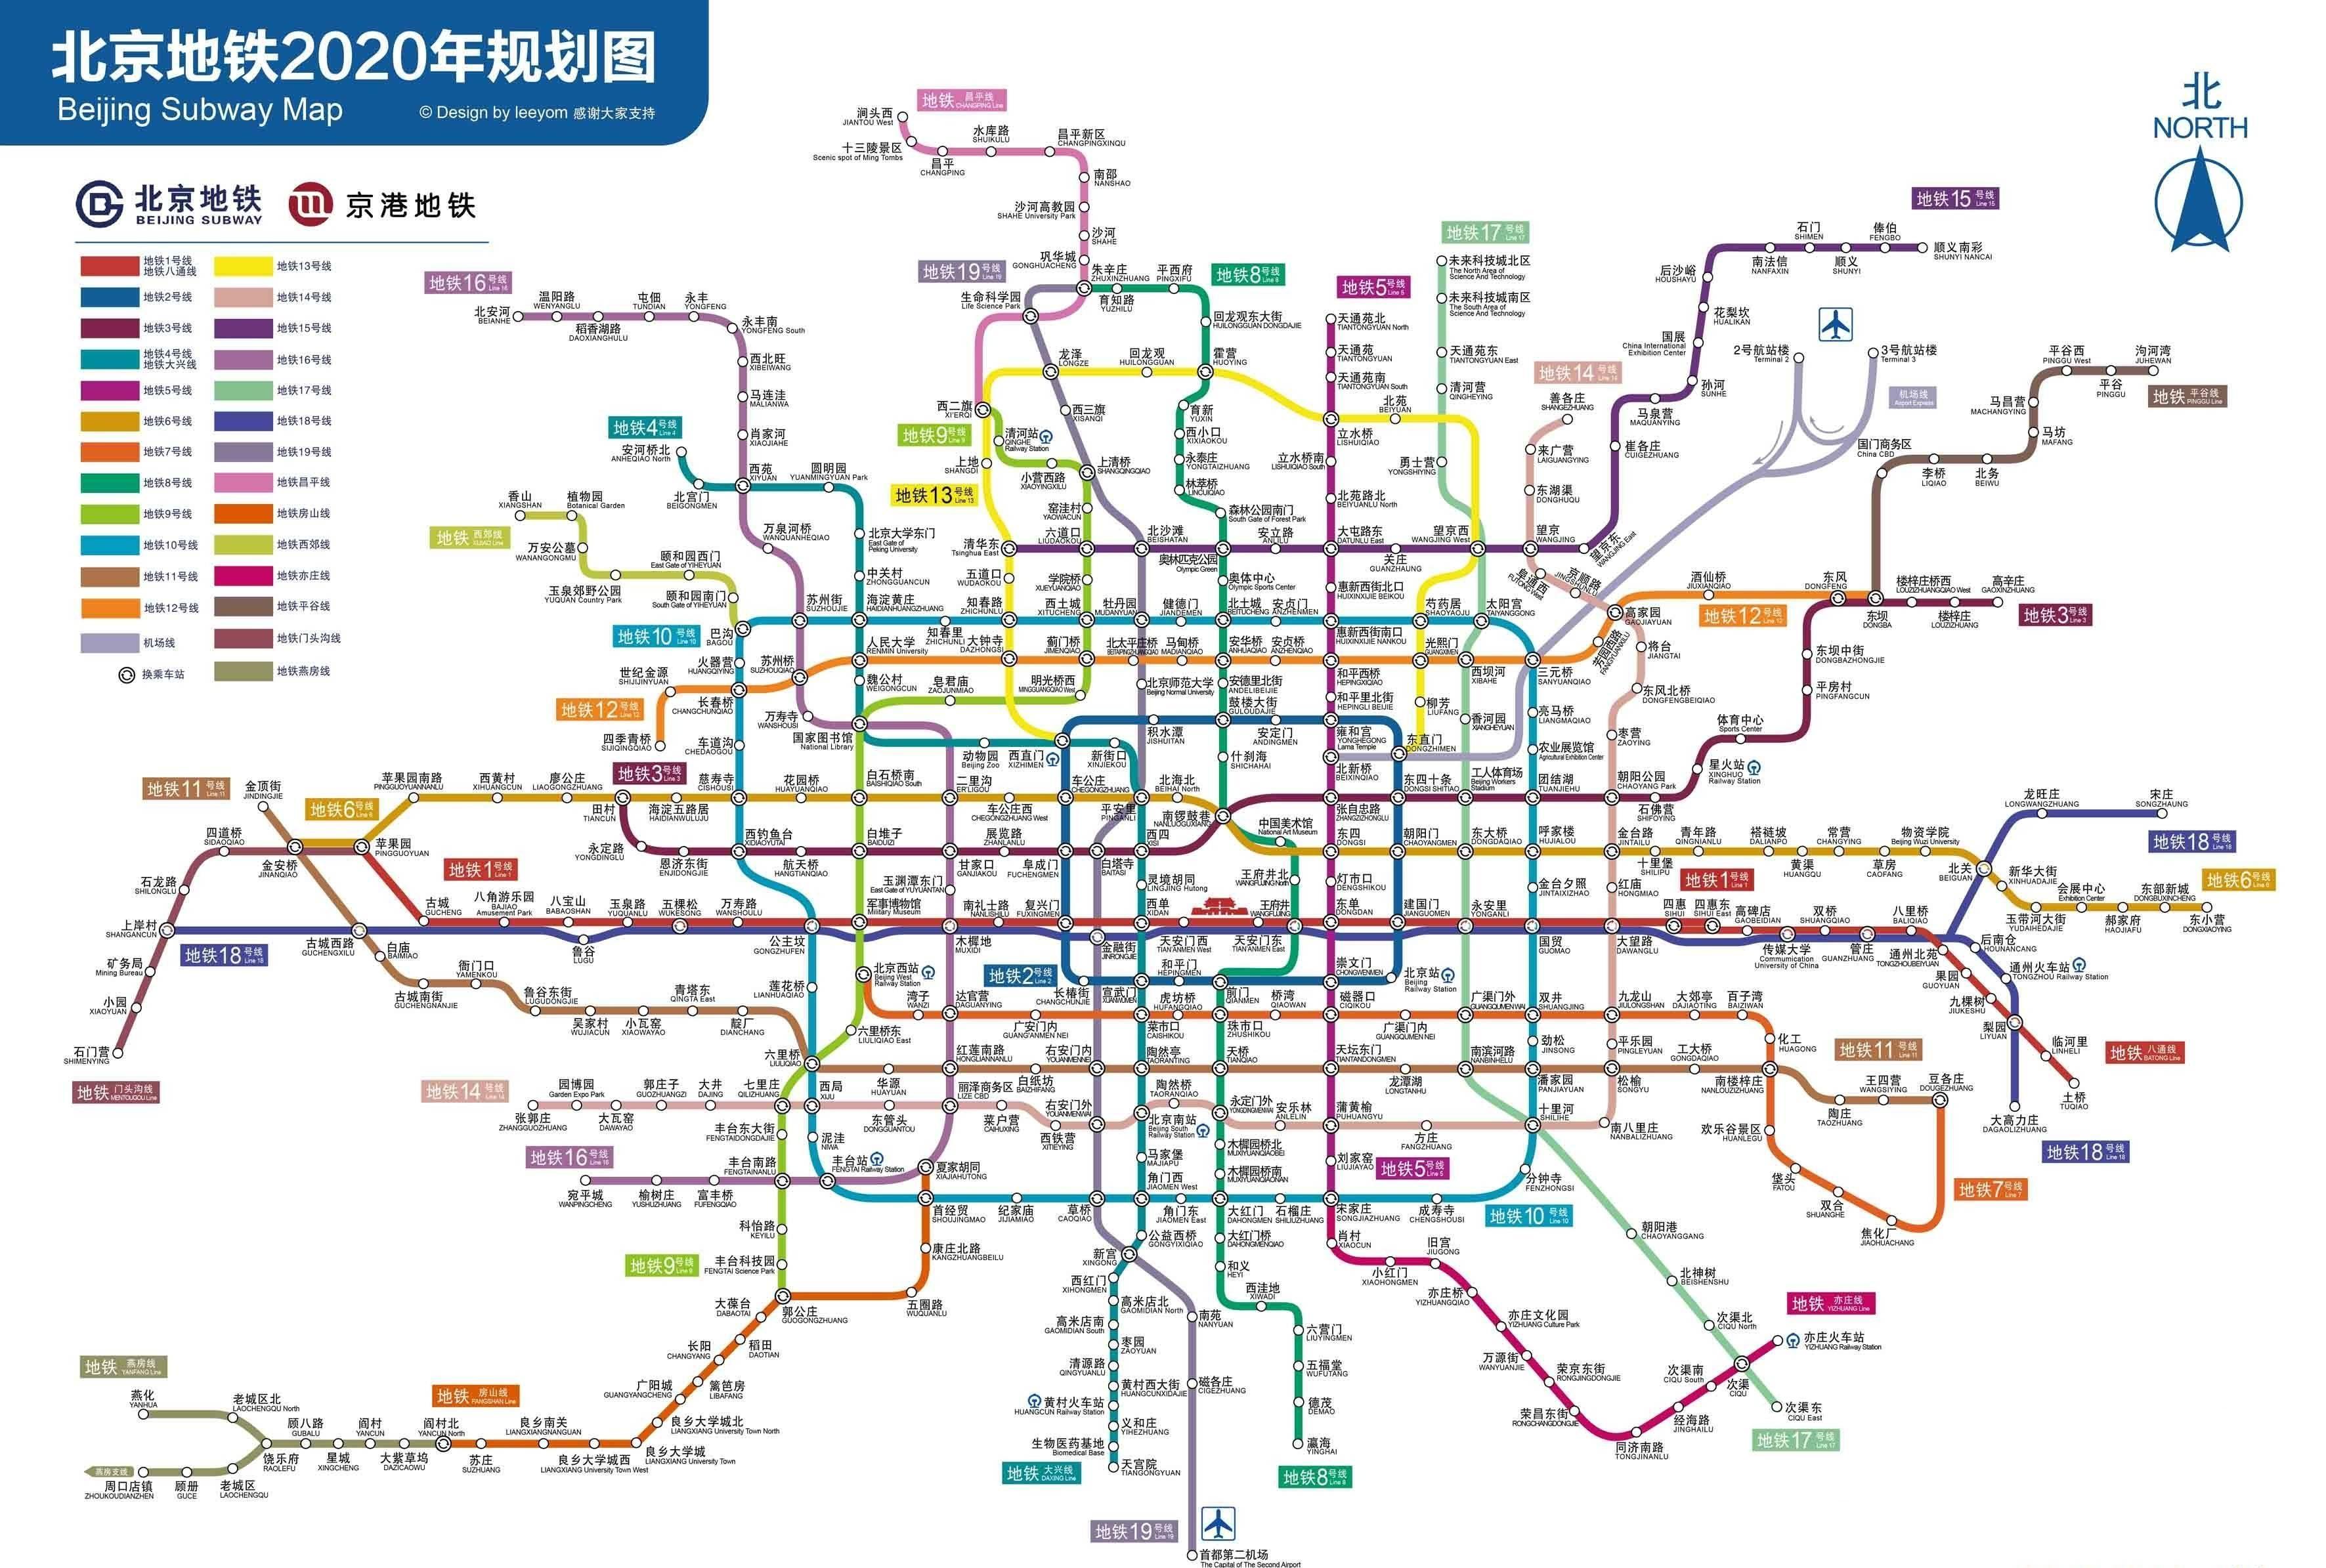 北京地铁2020年规划图